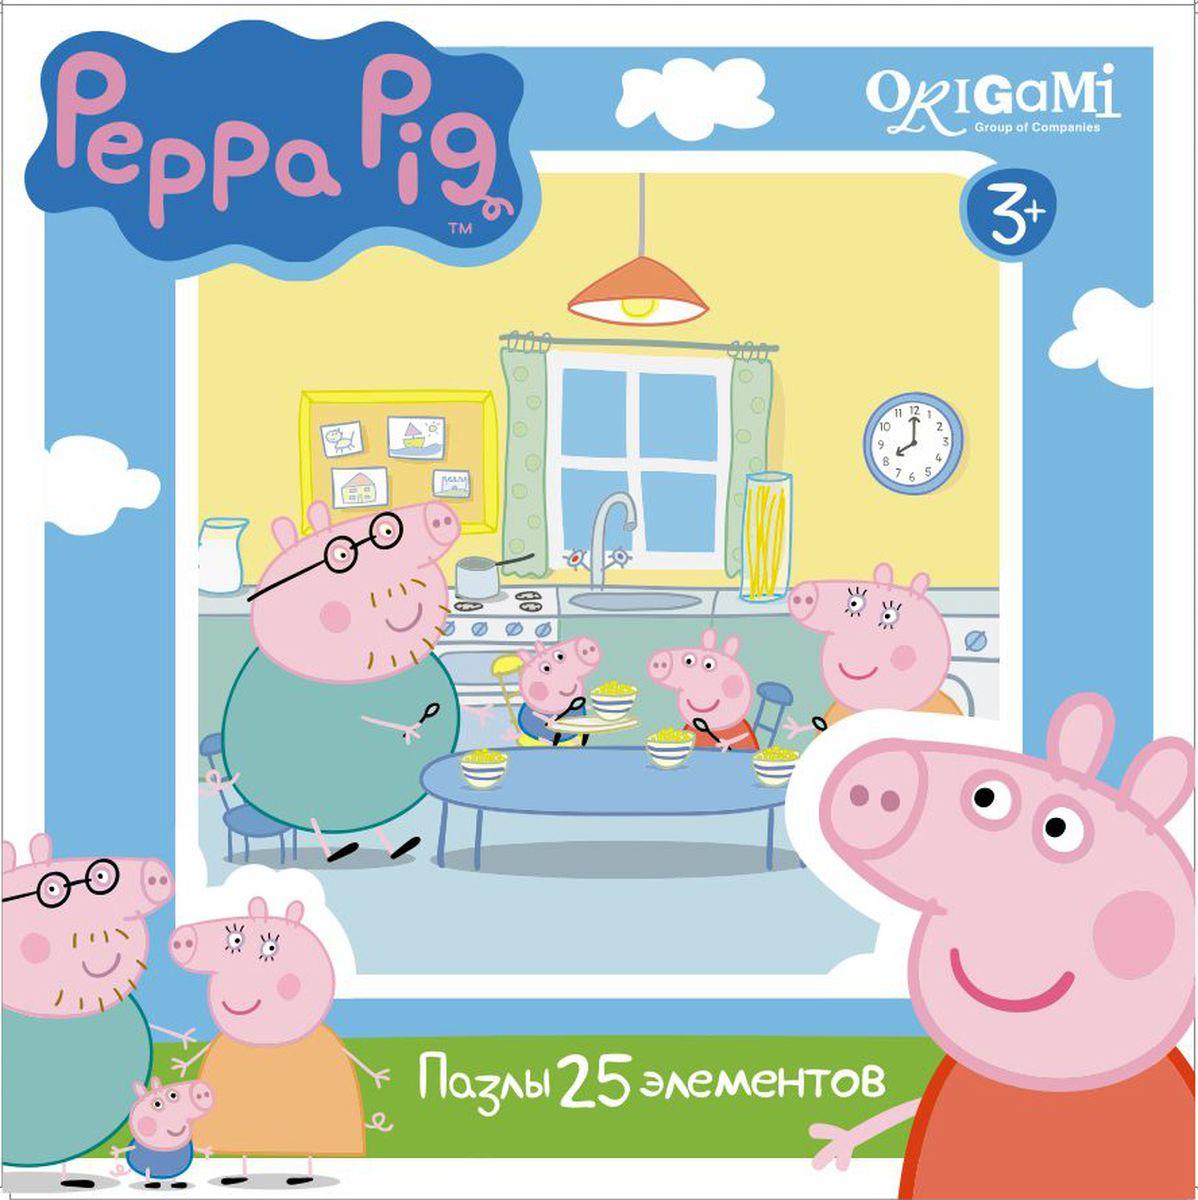 Оригами Пазл для малышей Peppa Pig 01581 пазл 4 в 1 peppa pig транспорт 01597